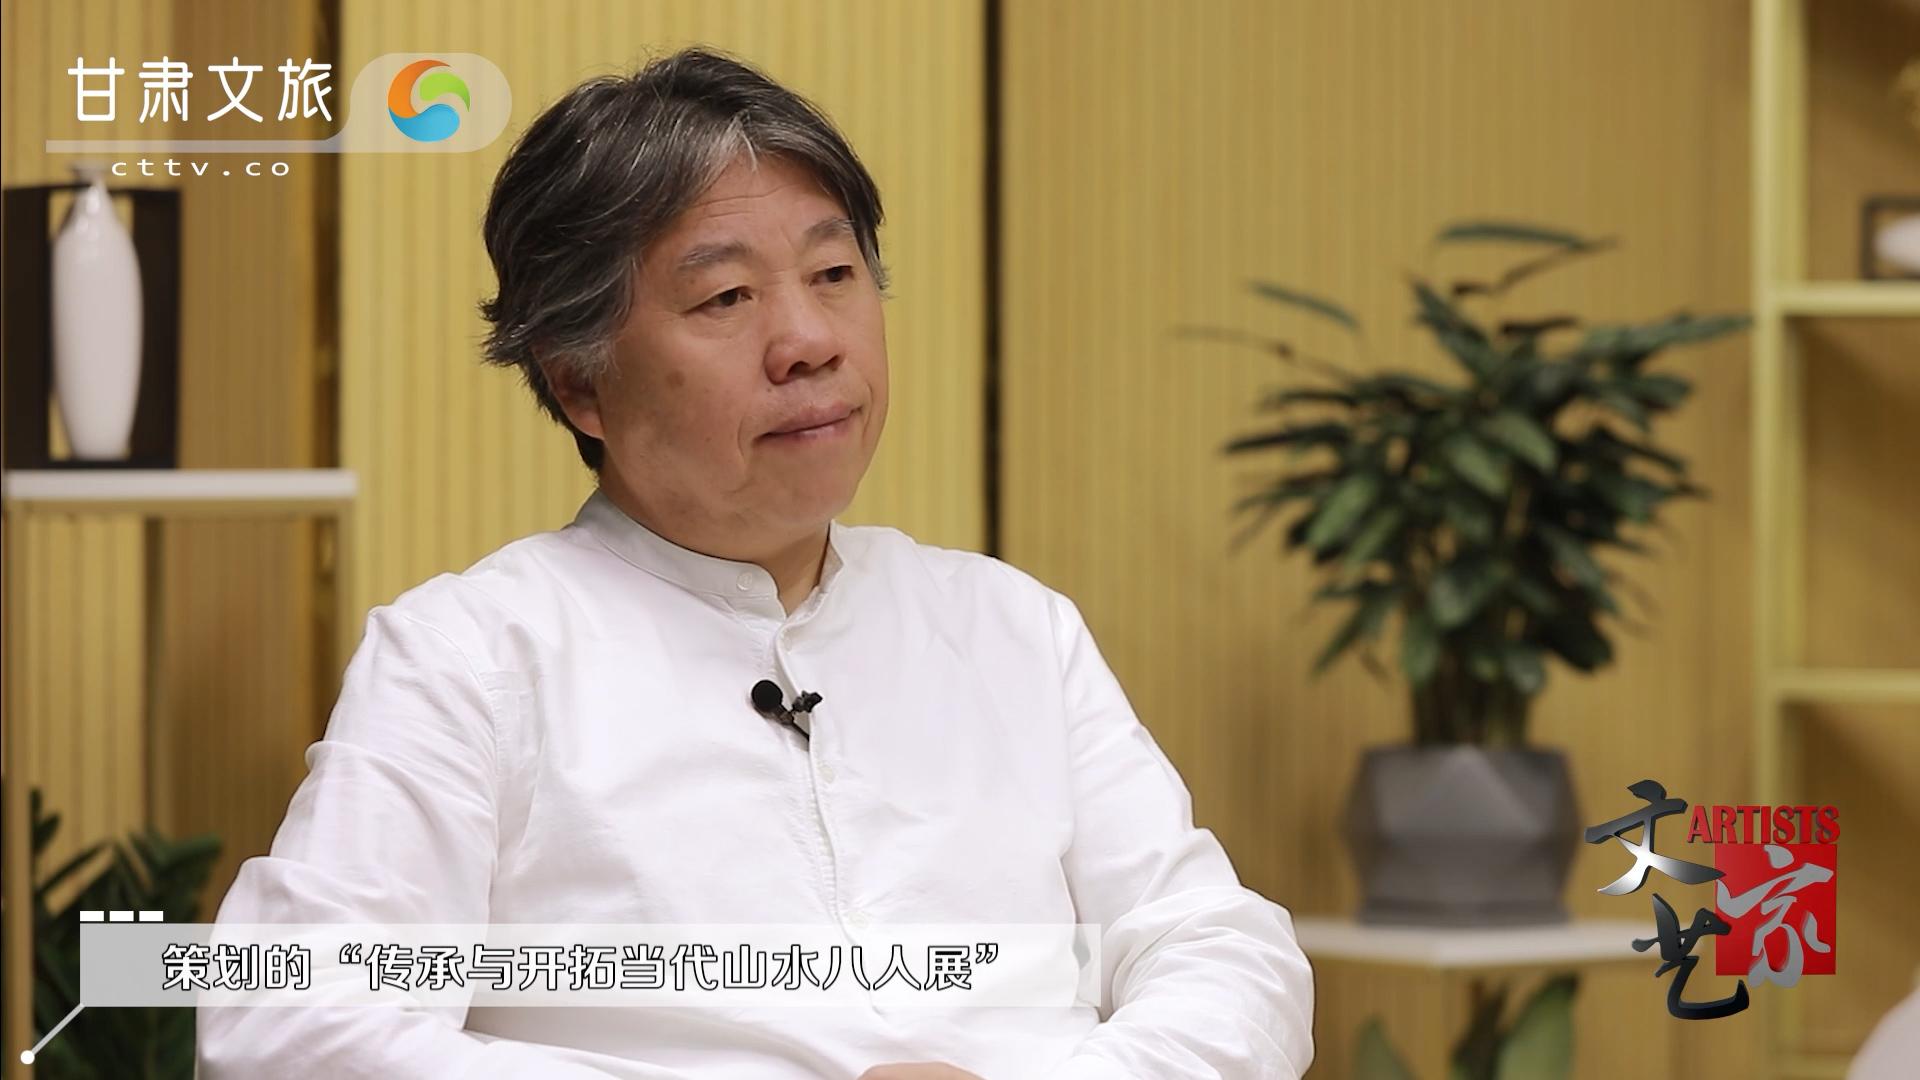 马刚:作品收藏于中国美术馆,是特定阶段里对自己的认可